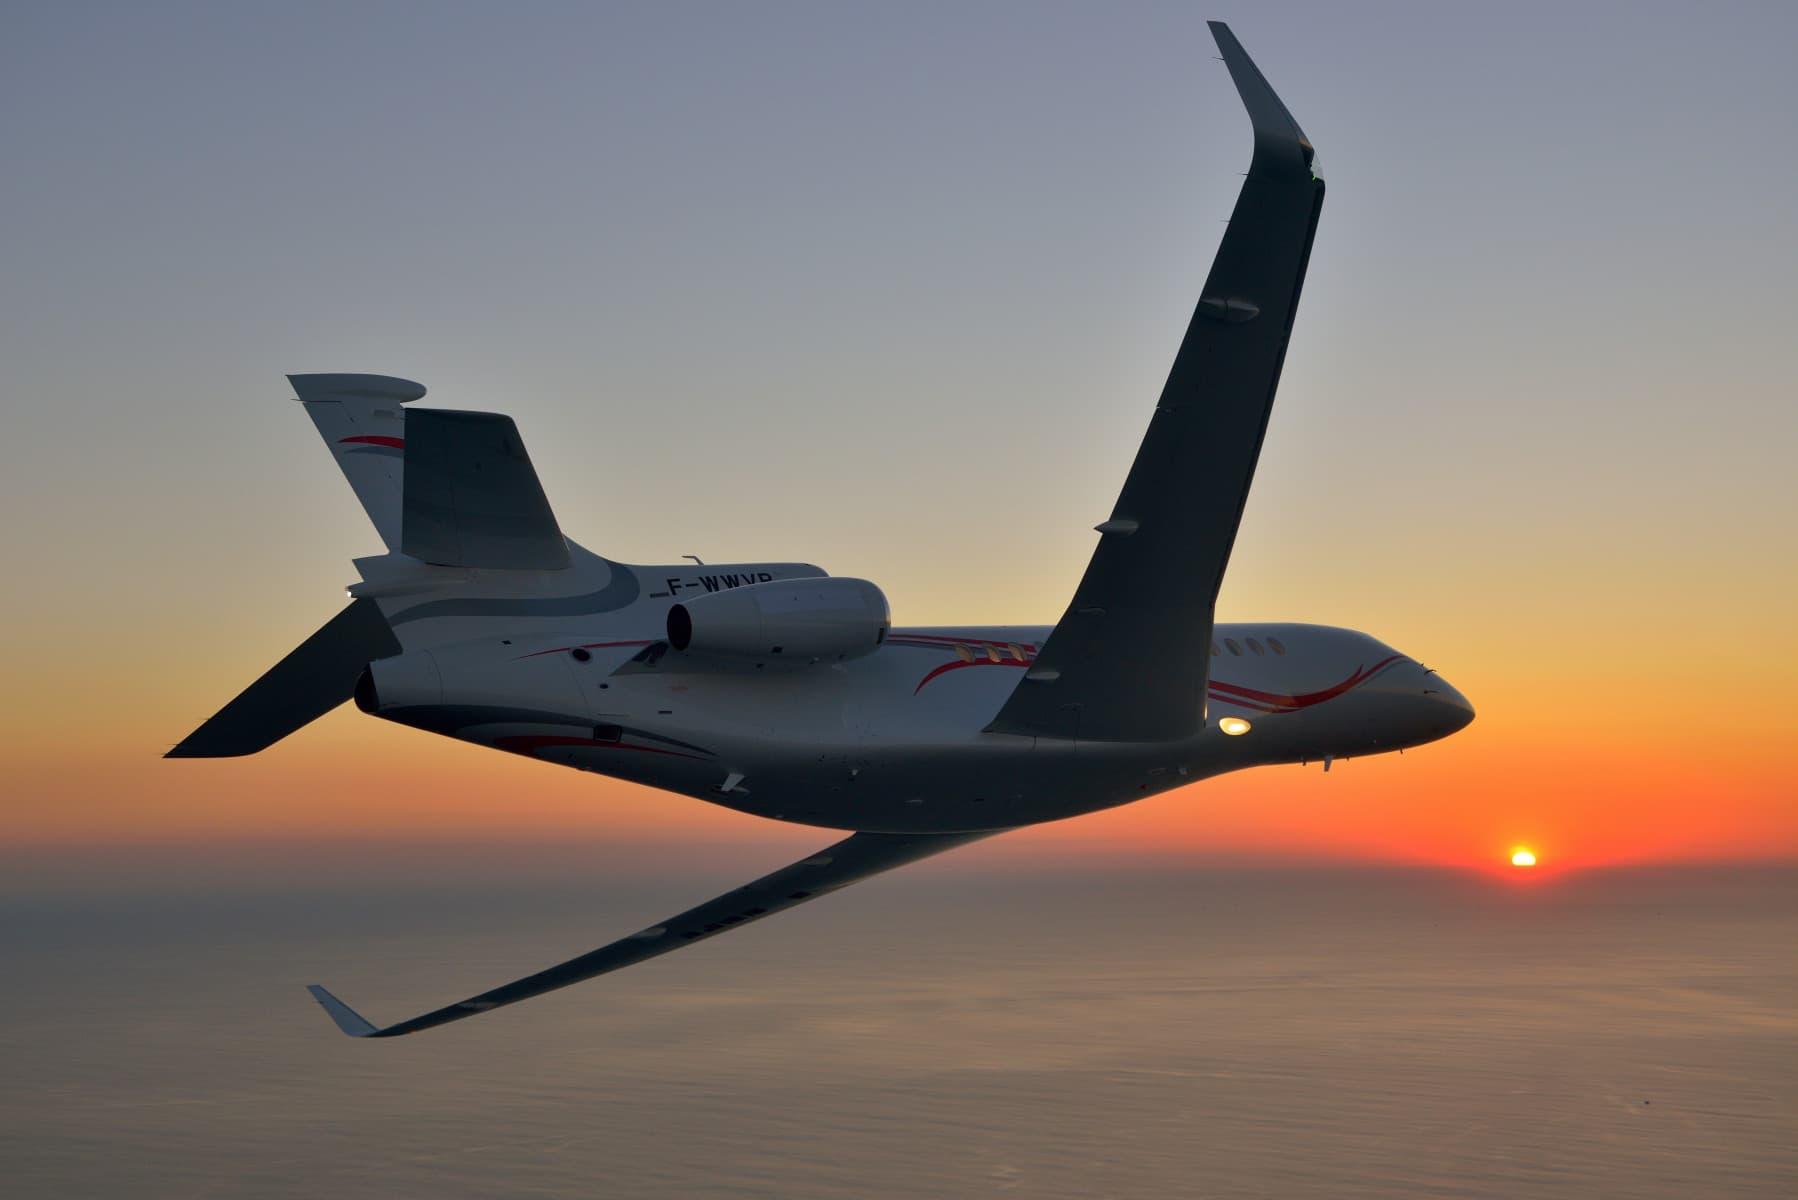 Dassault Falcon 7X 1